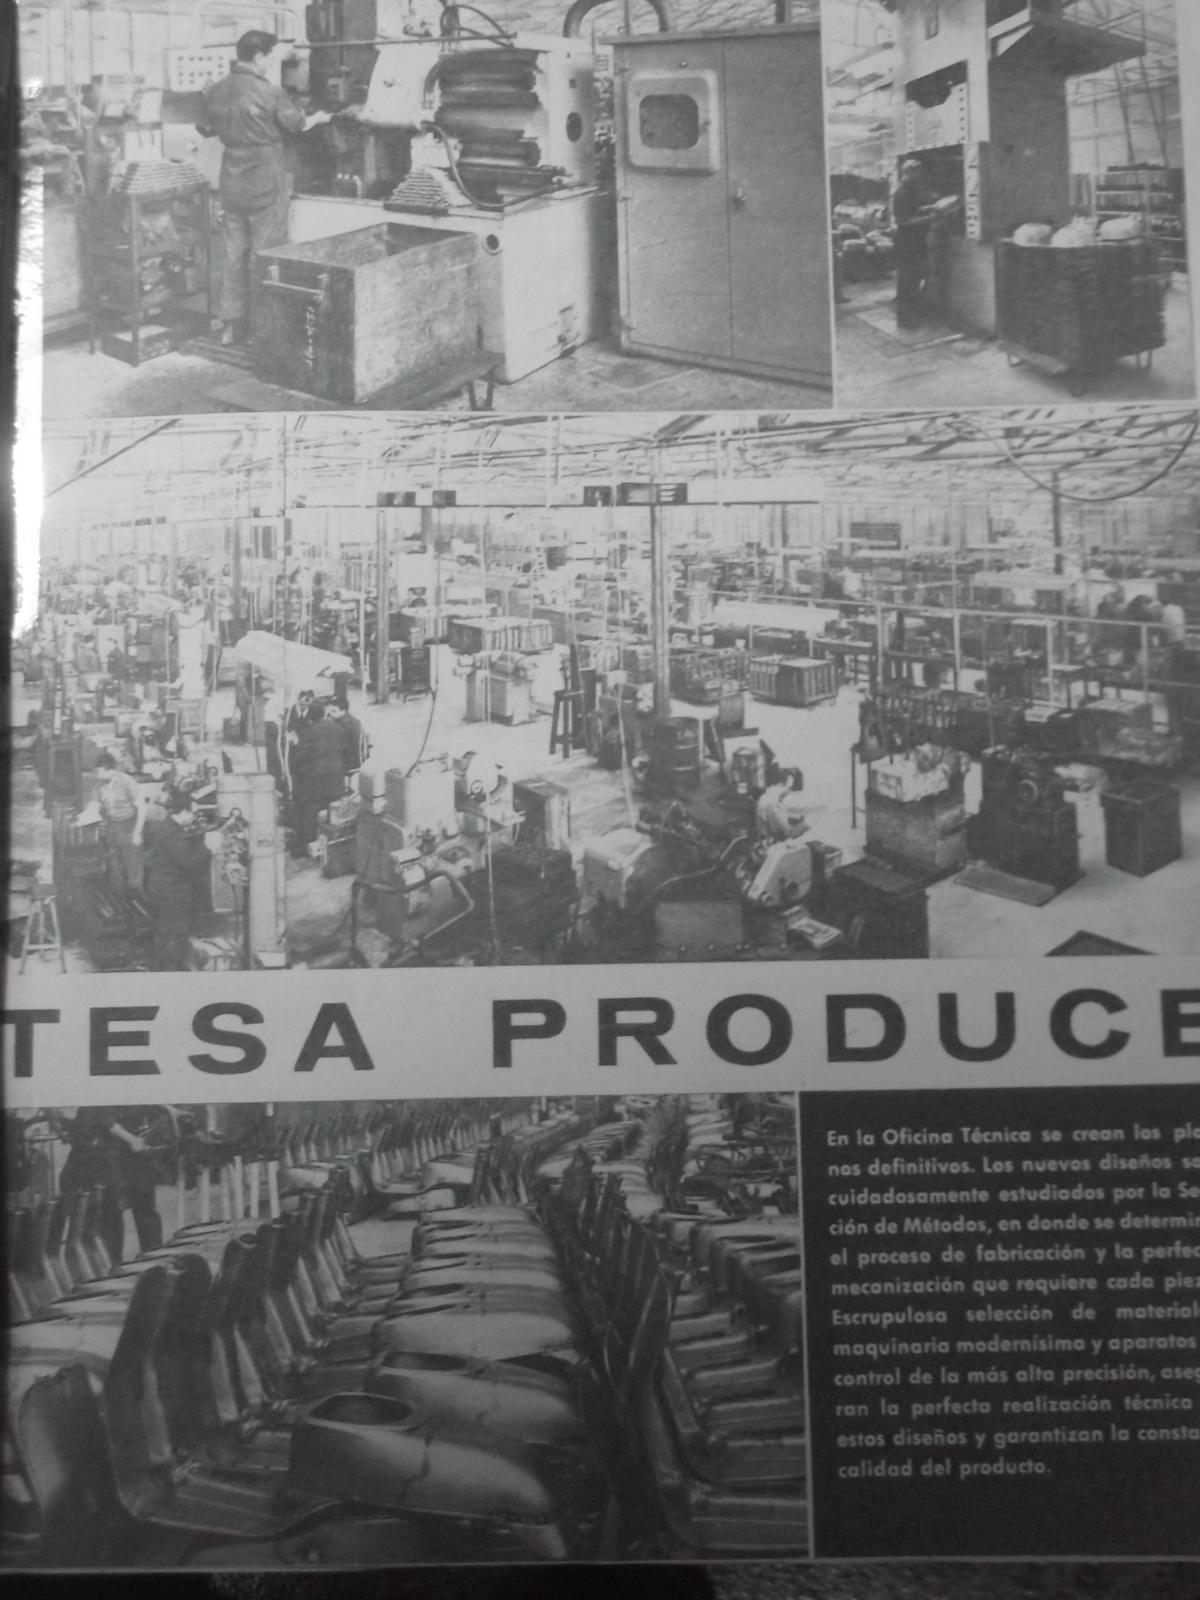 montesa - Las cuatro fábricas de Montesa - Página 2 4gky2s